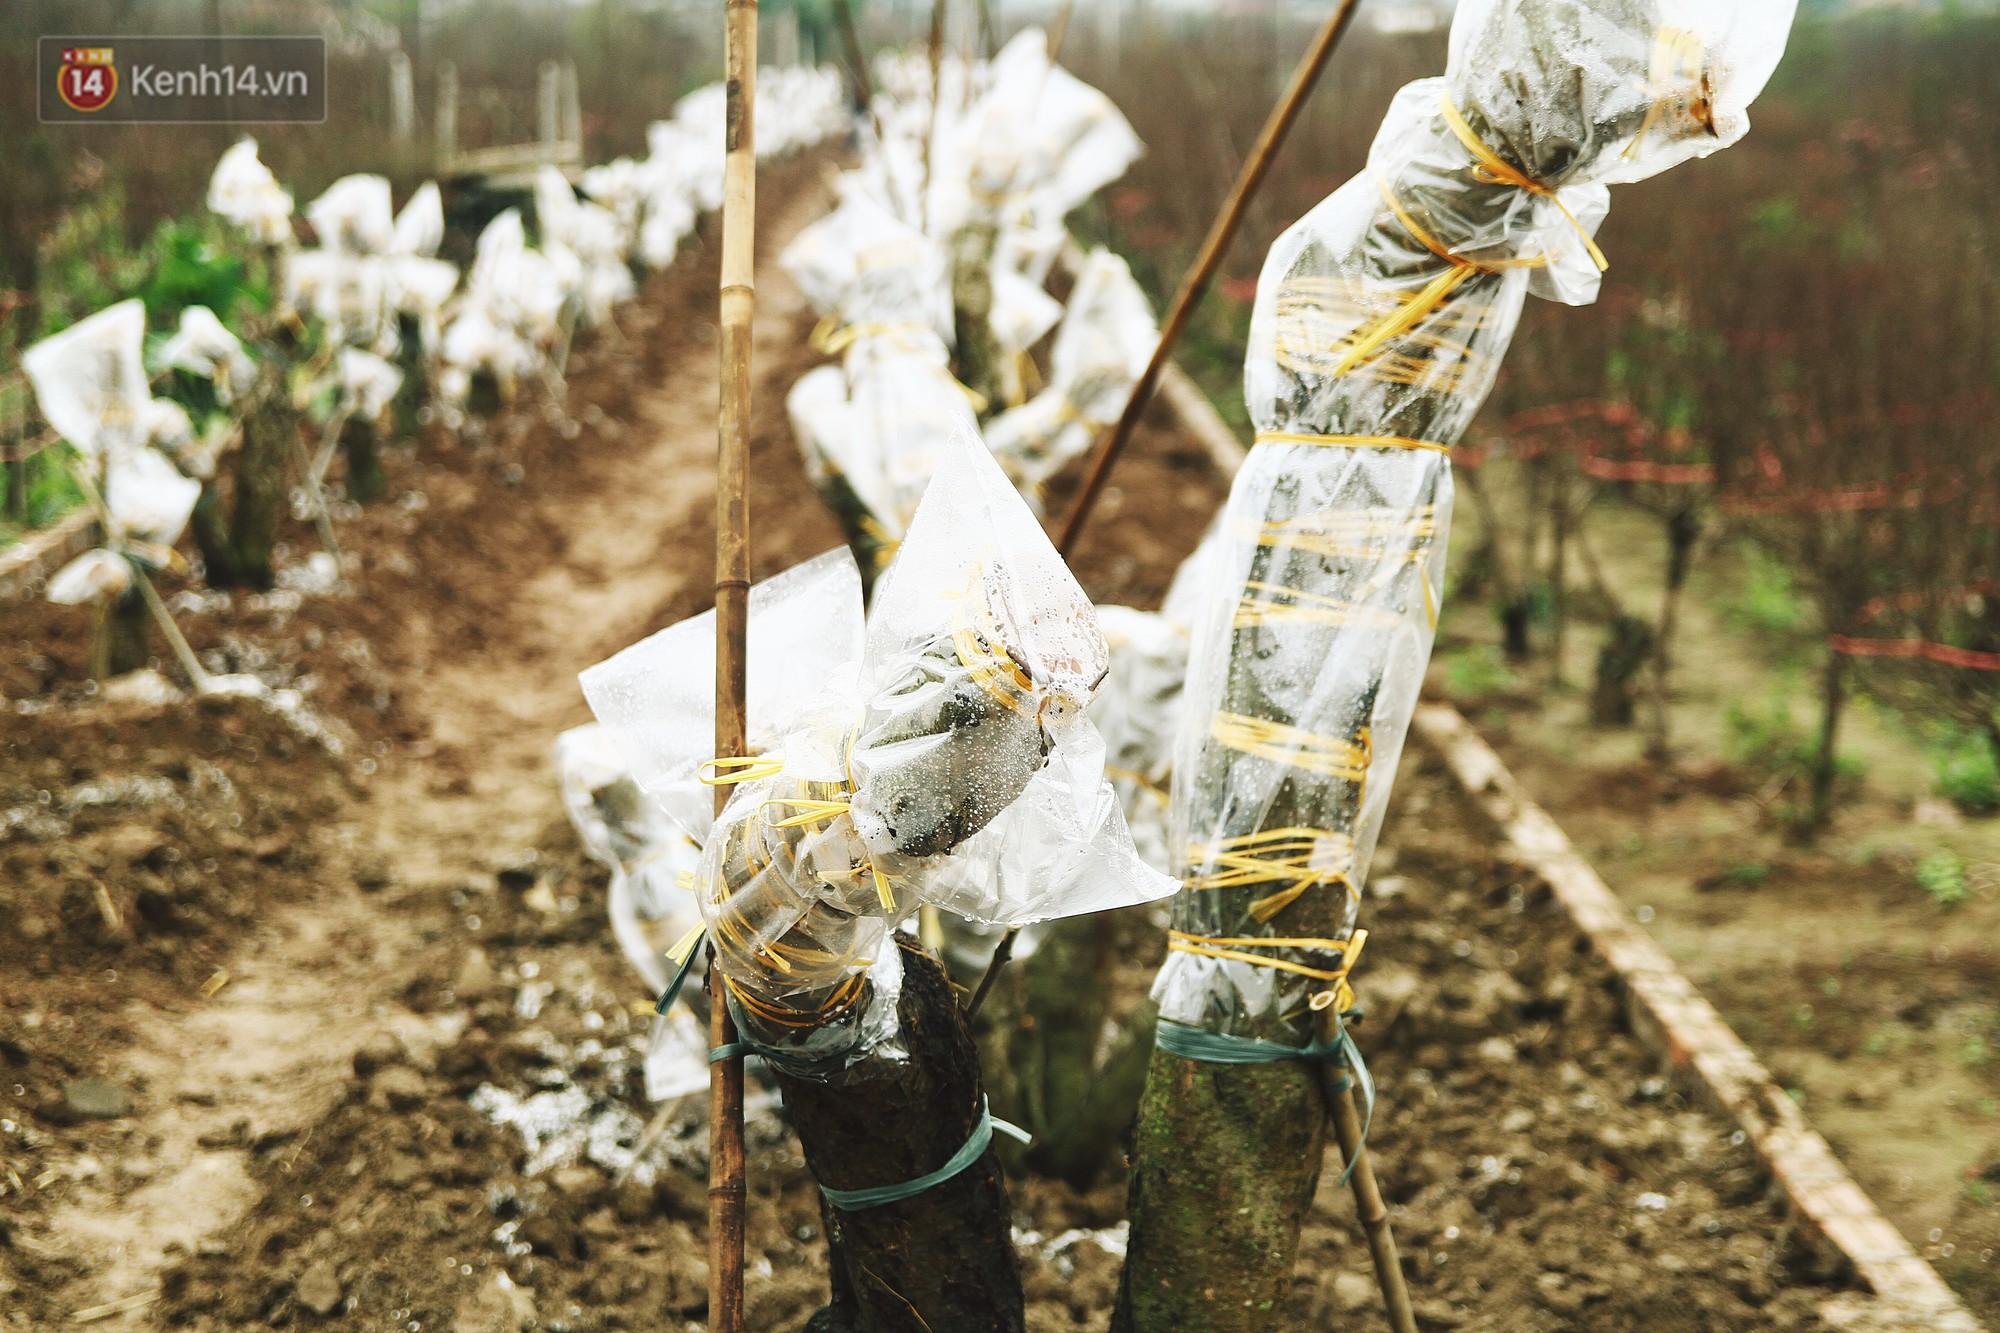 Người dân làng đào Nhật Tân: Từ giờ đến Tết mà rét thế này thì đào không nở hoa kịp mất! - Ảnh 3.